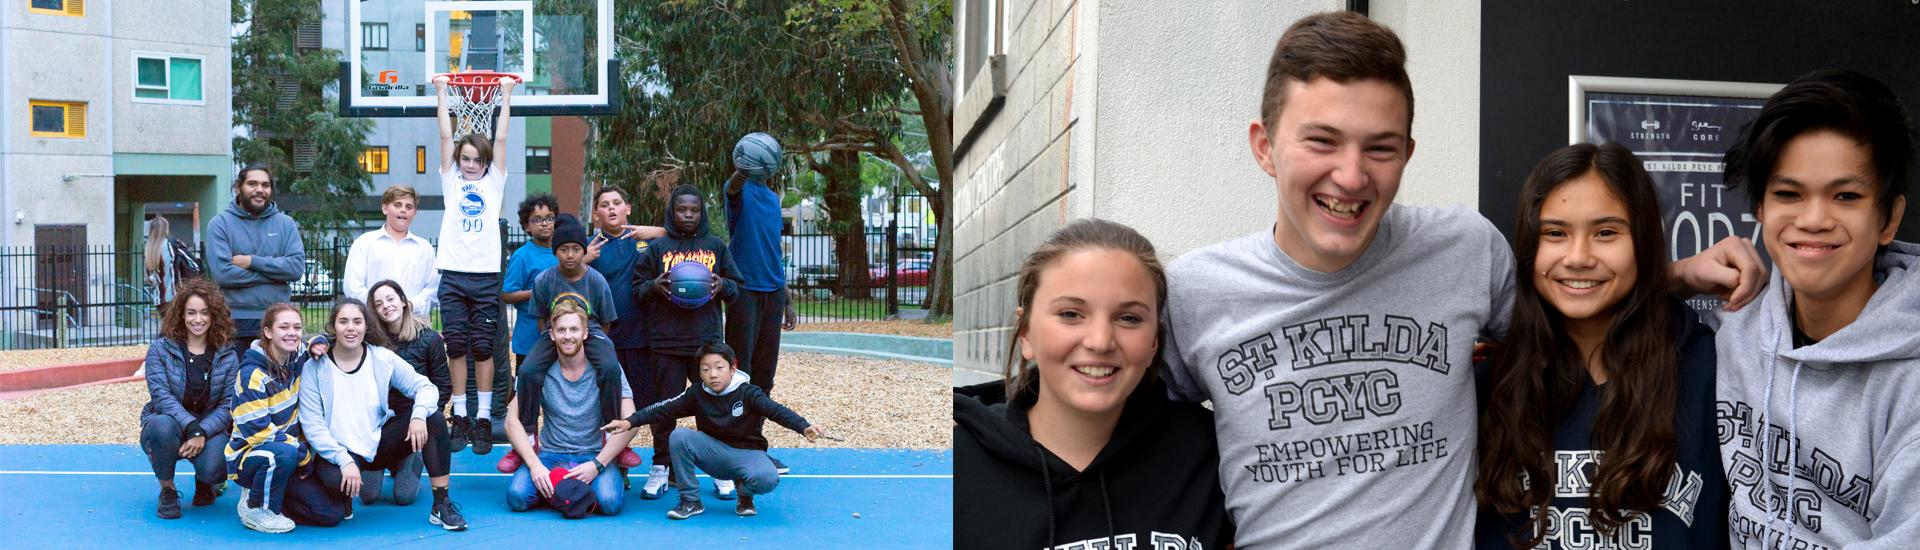 St Kilda PCYC Youth Programs